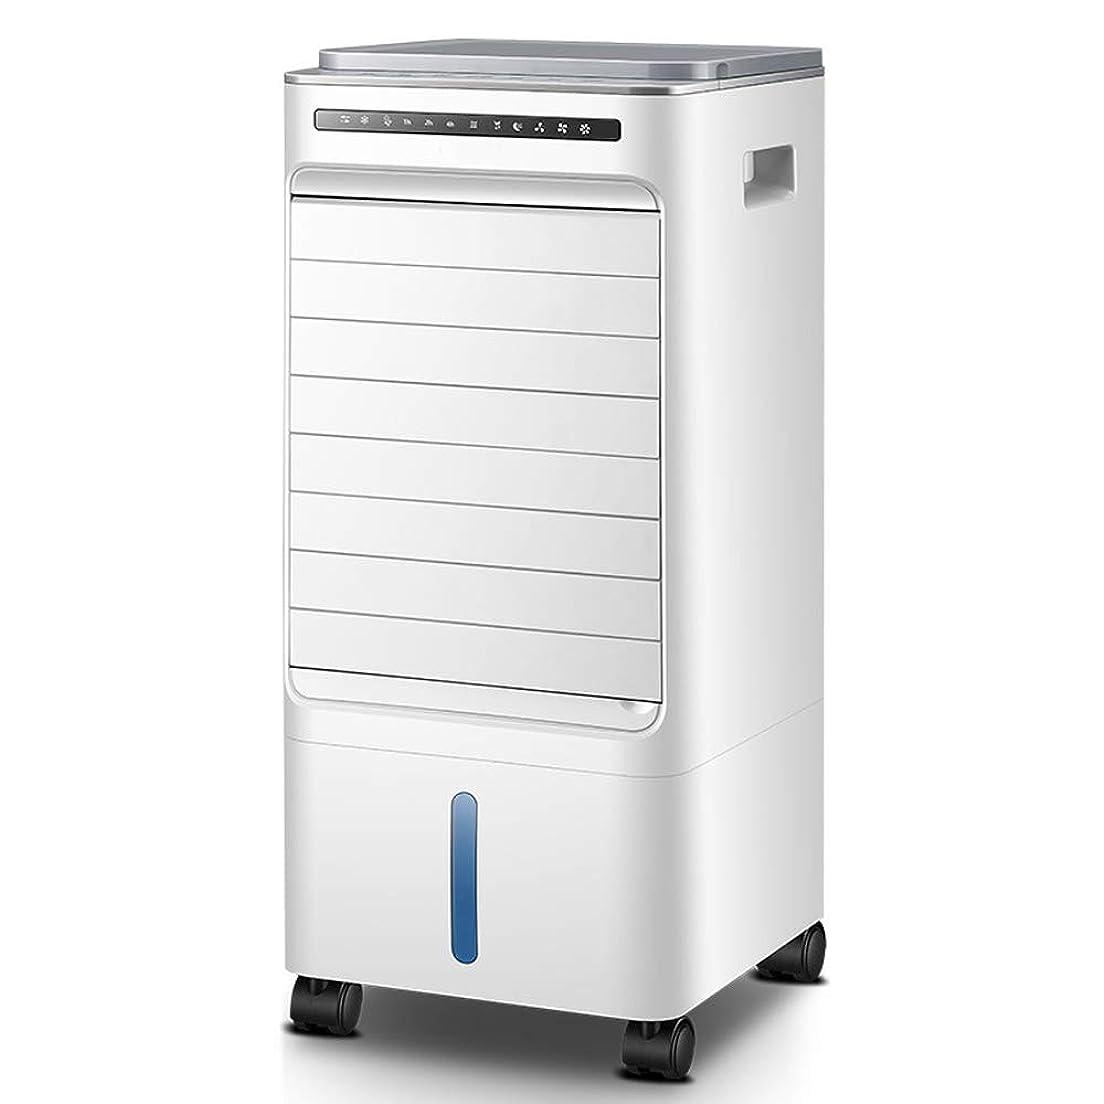 ジャンクション熱心宇宙のドミトリー冷却ファン、家庭用小型エアクーラー、エアクーラー - モバイル小型エアコン、加湿シングルクーラー